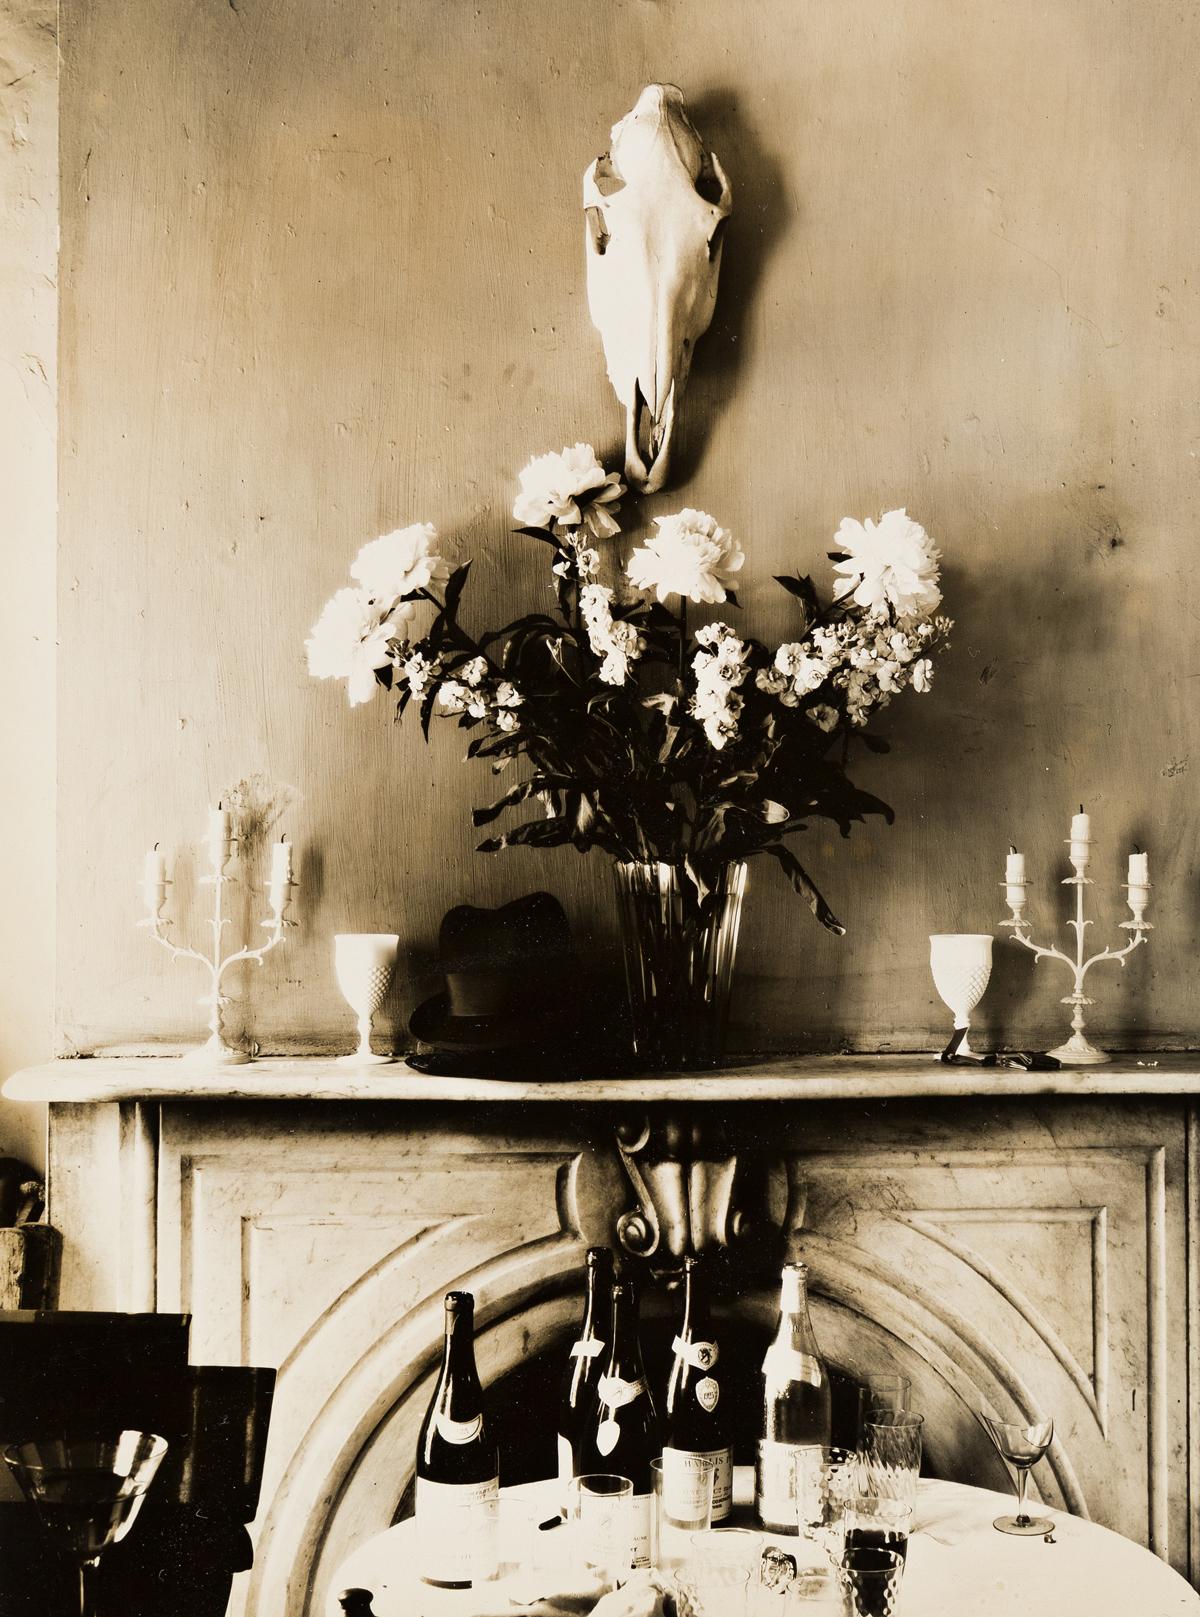 WALKER EVANS (1903-1975) Drawing Room in Muriel Drapers Apartment, N.Y.C.